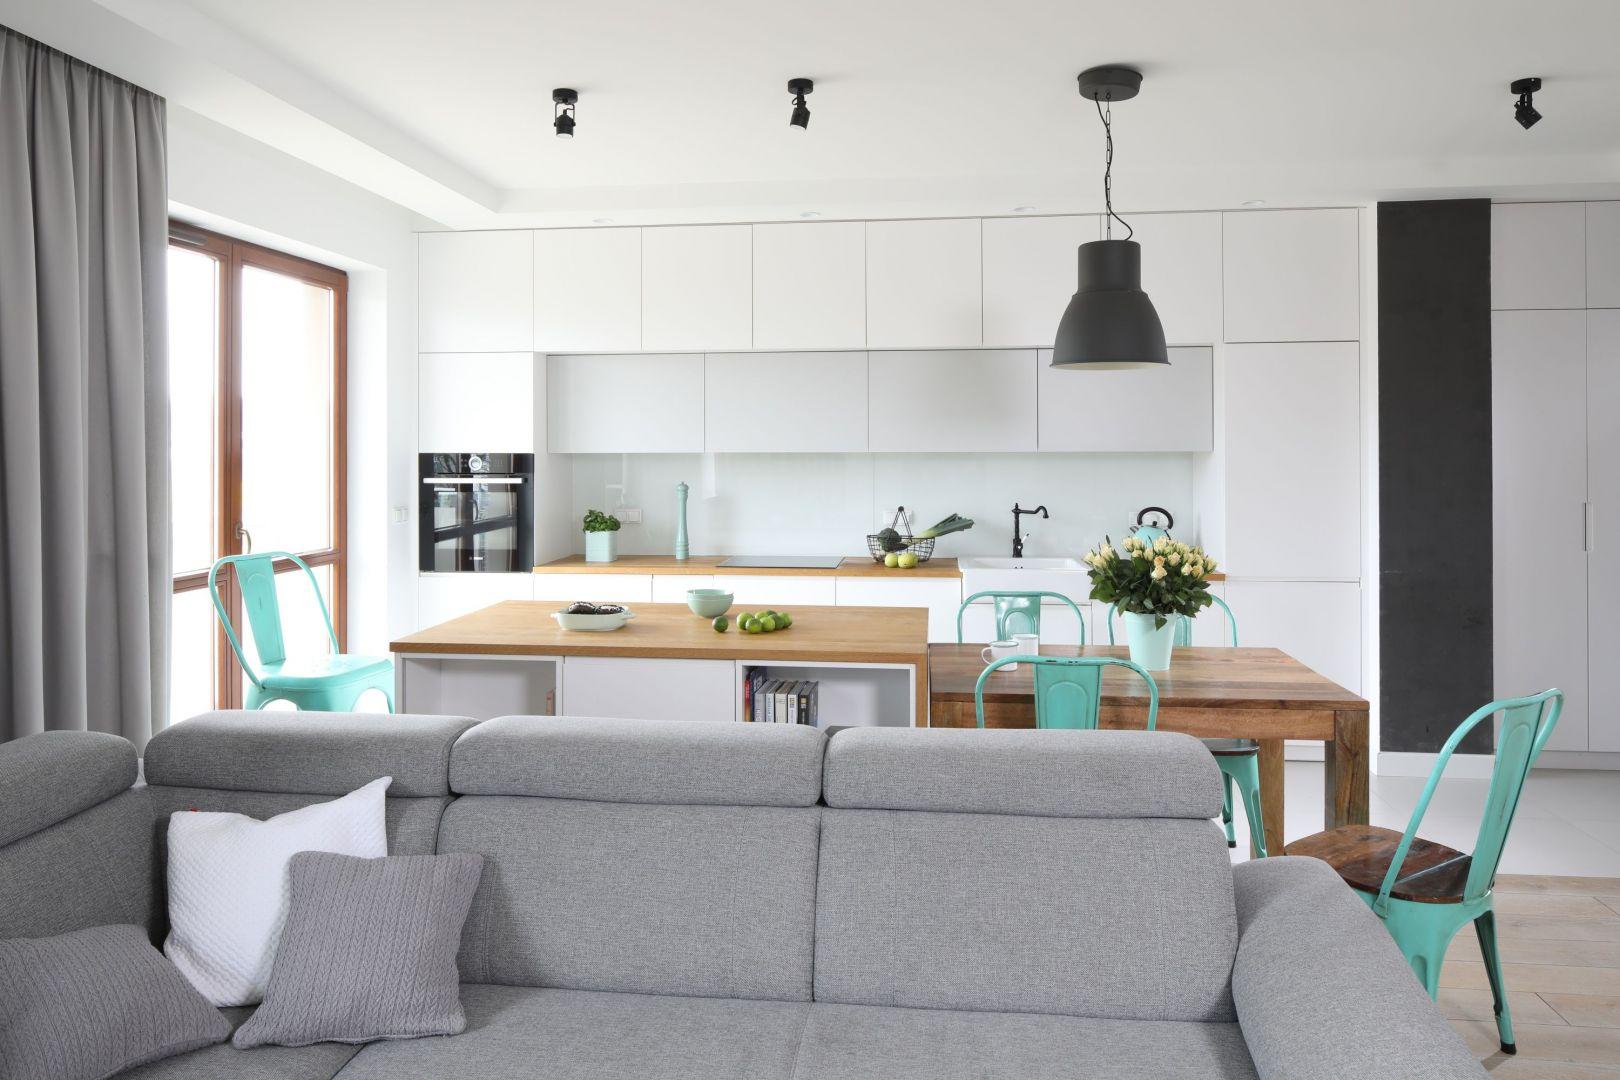 W trendzie są kuchnie otwarte na inne pomieszczenie, najczęściej z zabudowanym aneksem. Projekt Agnieszka Żyła. Fot. Bartosz Jarosz